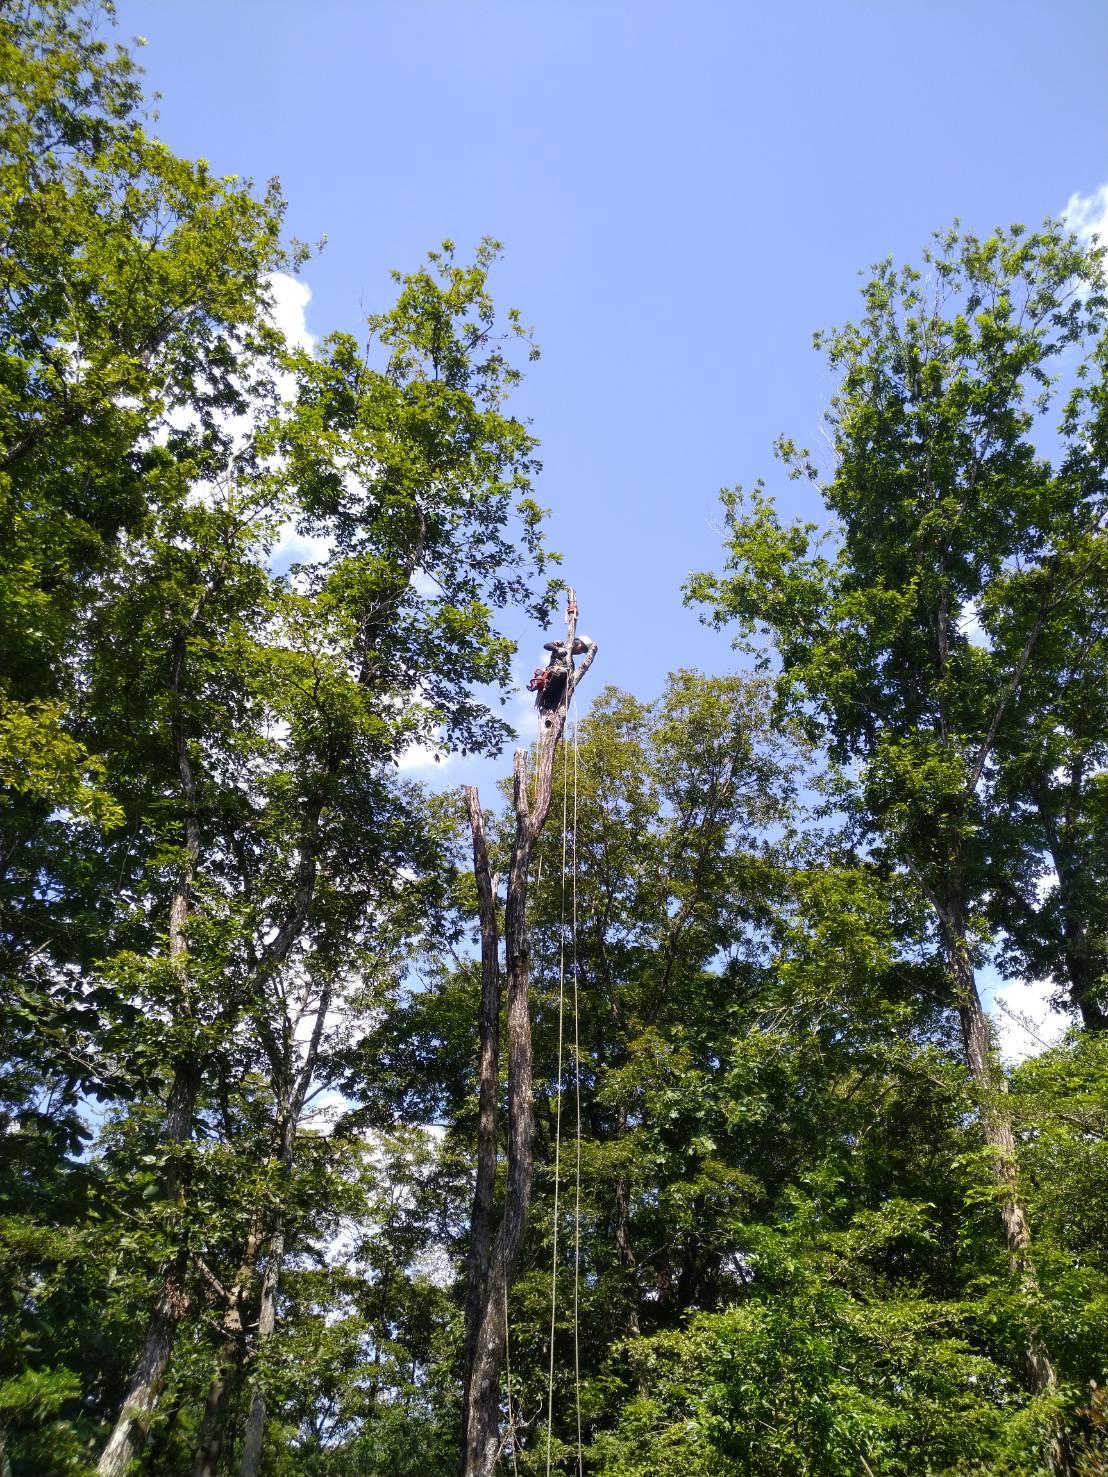 愛知県新城市作手の枯れたコナラの木の伐採。